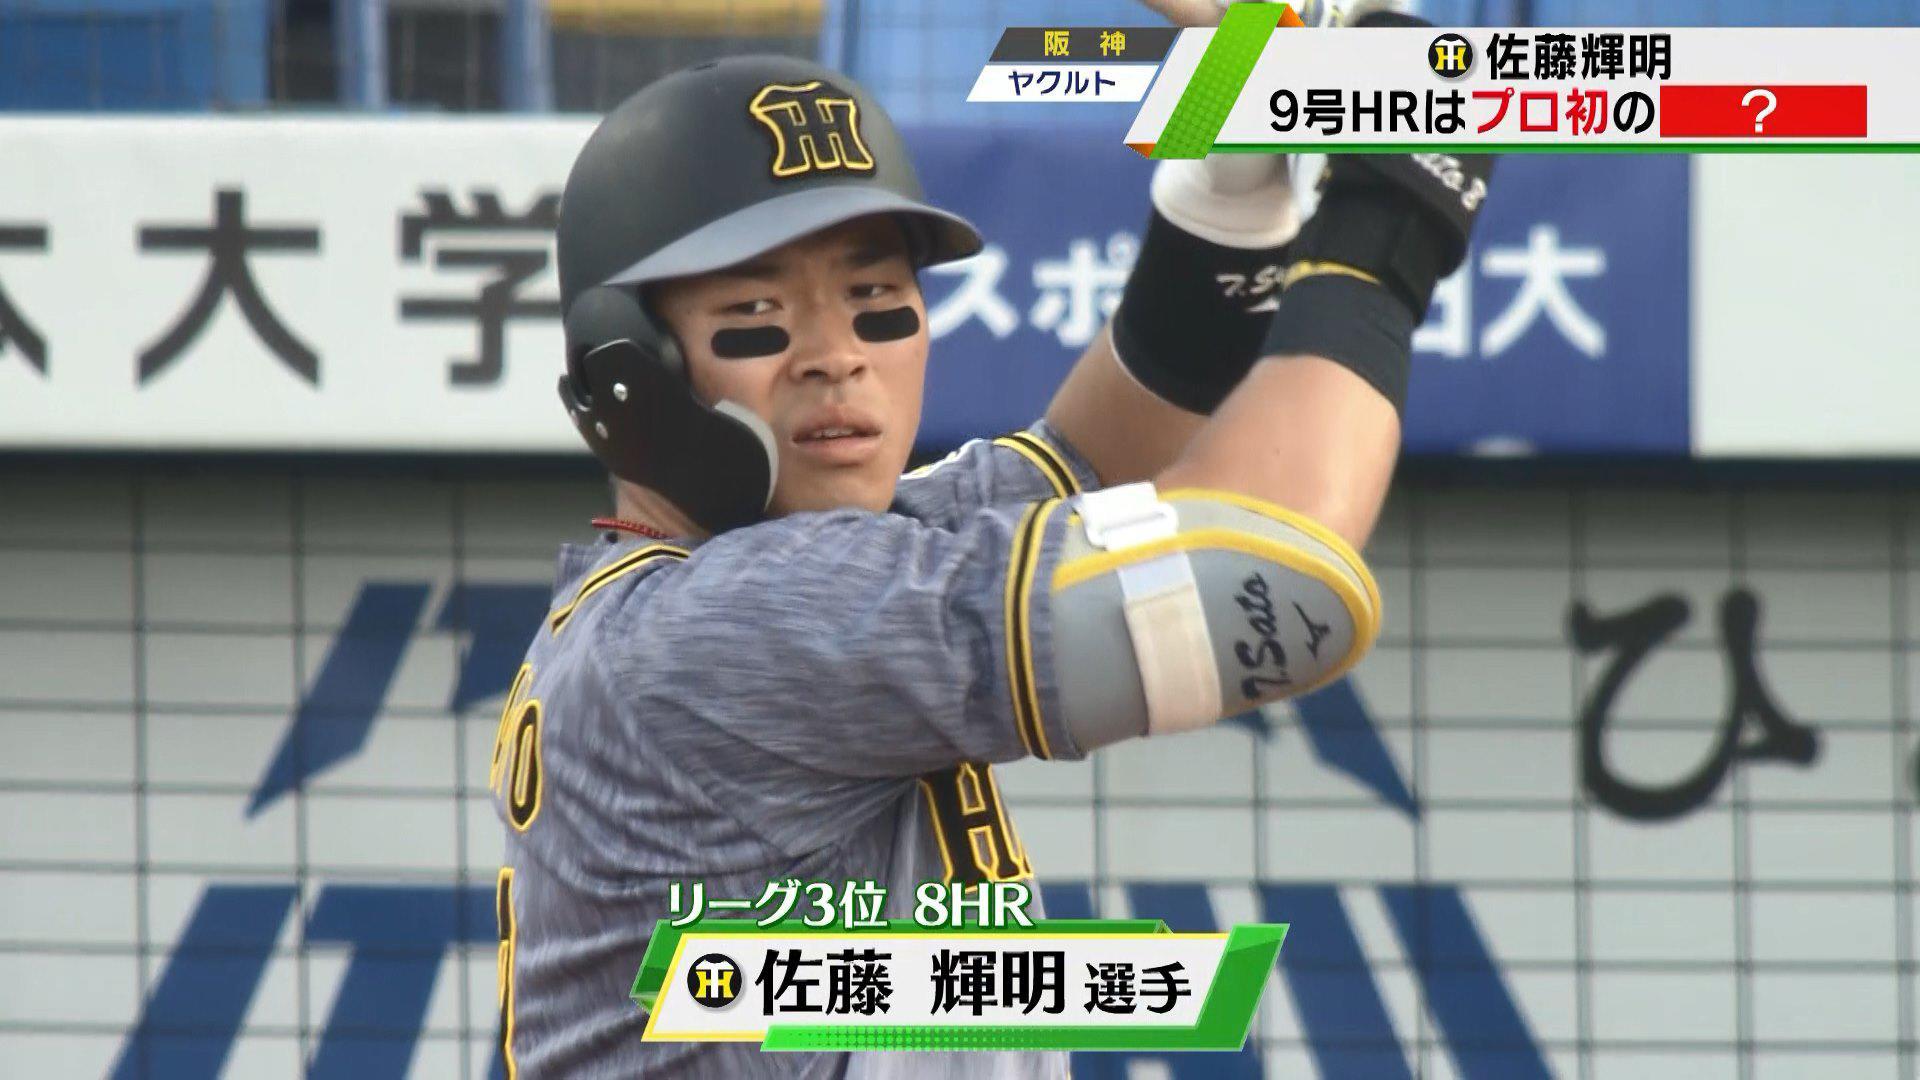 【阪神】佐藤輝明 9号はプロ初の逆方向弾!デーゲームでは12連勝